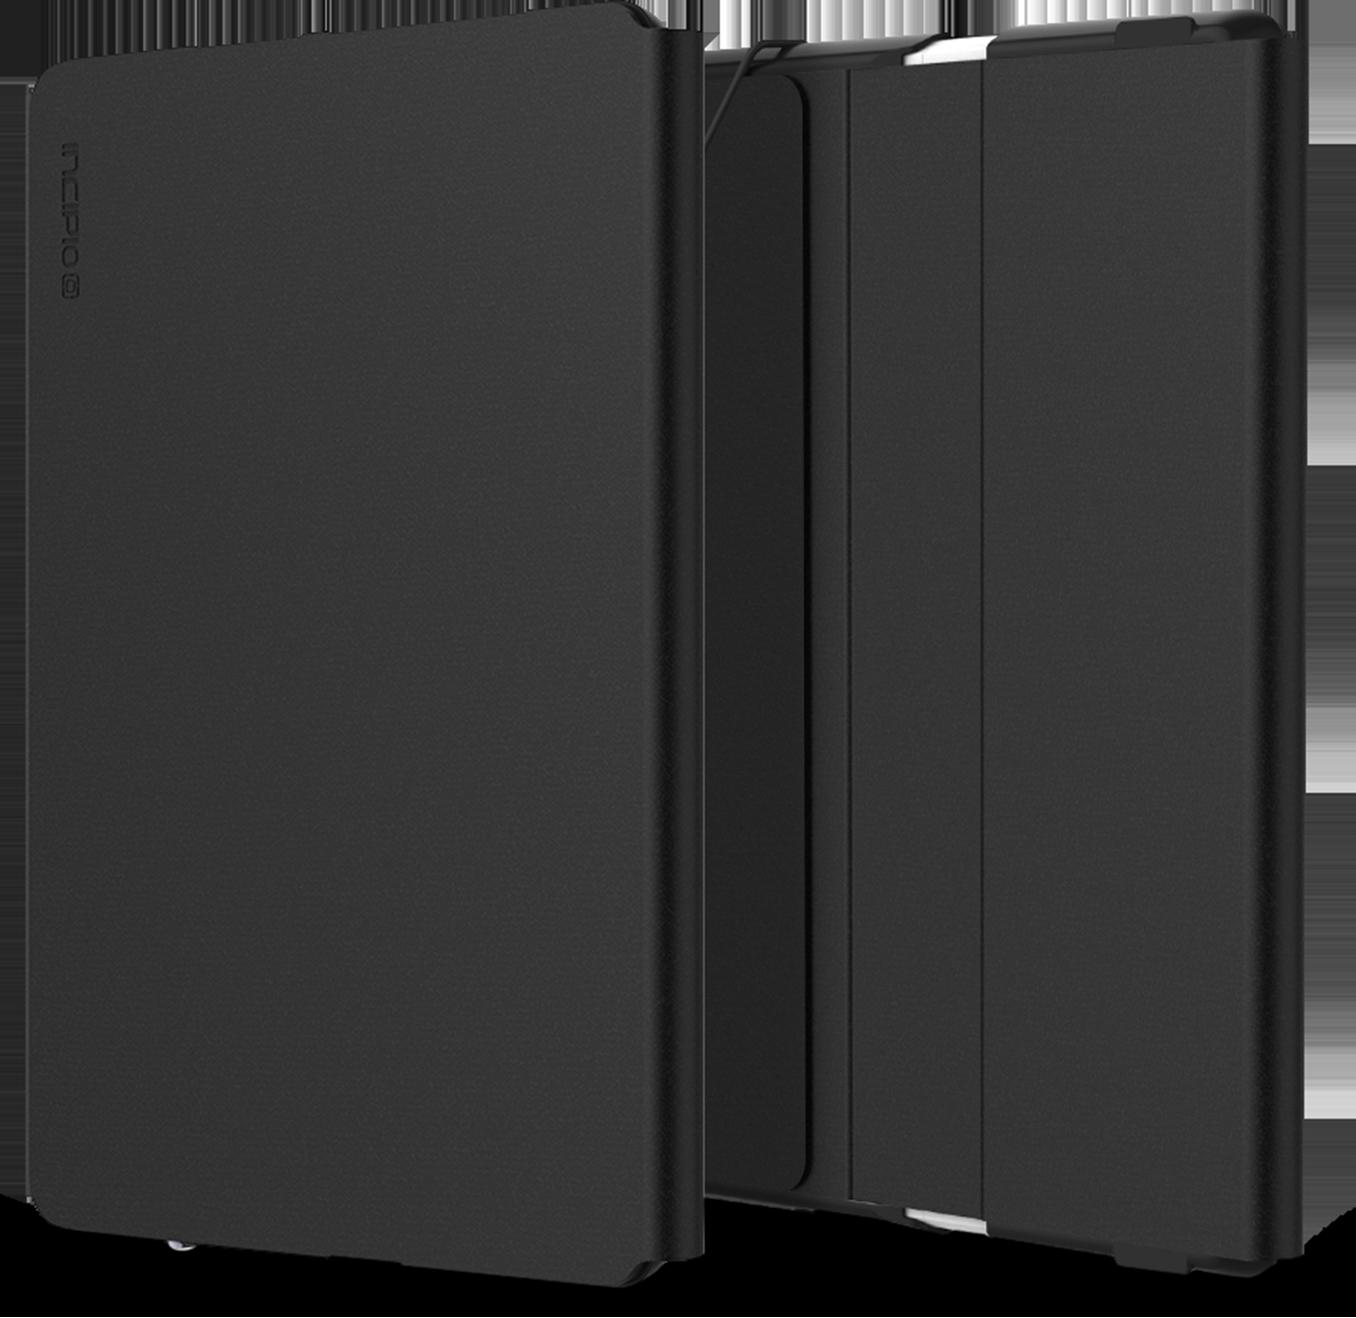 Incipio Faraday Folio for Surface Go